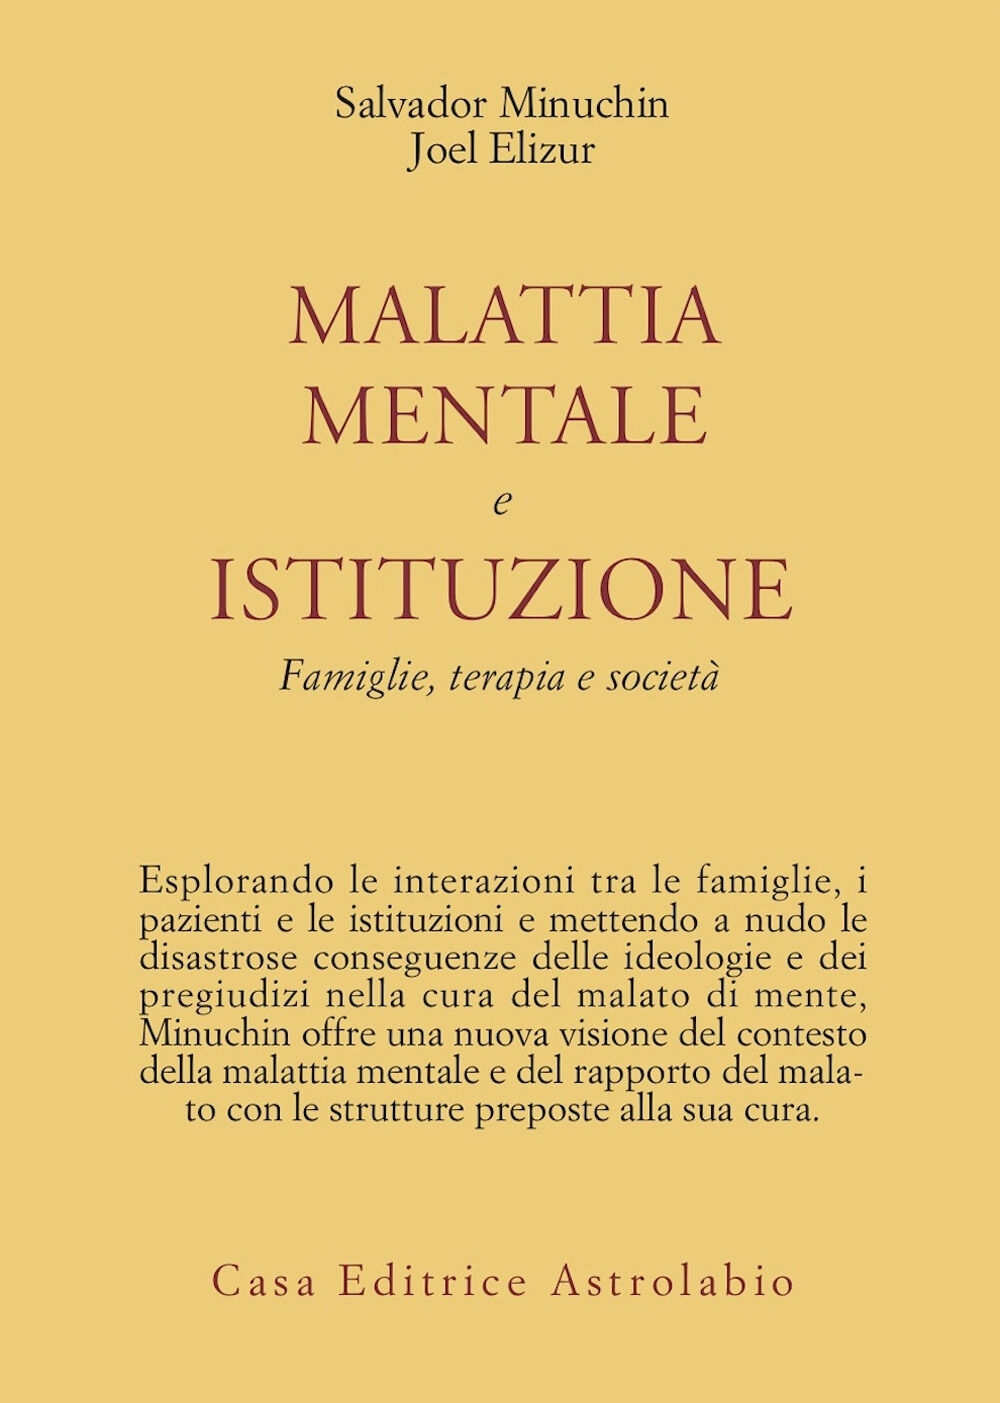 Malattia mentale e istituzione. Famiglie, terapia e società